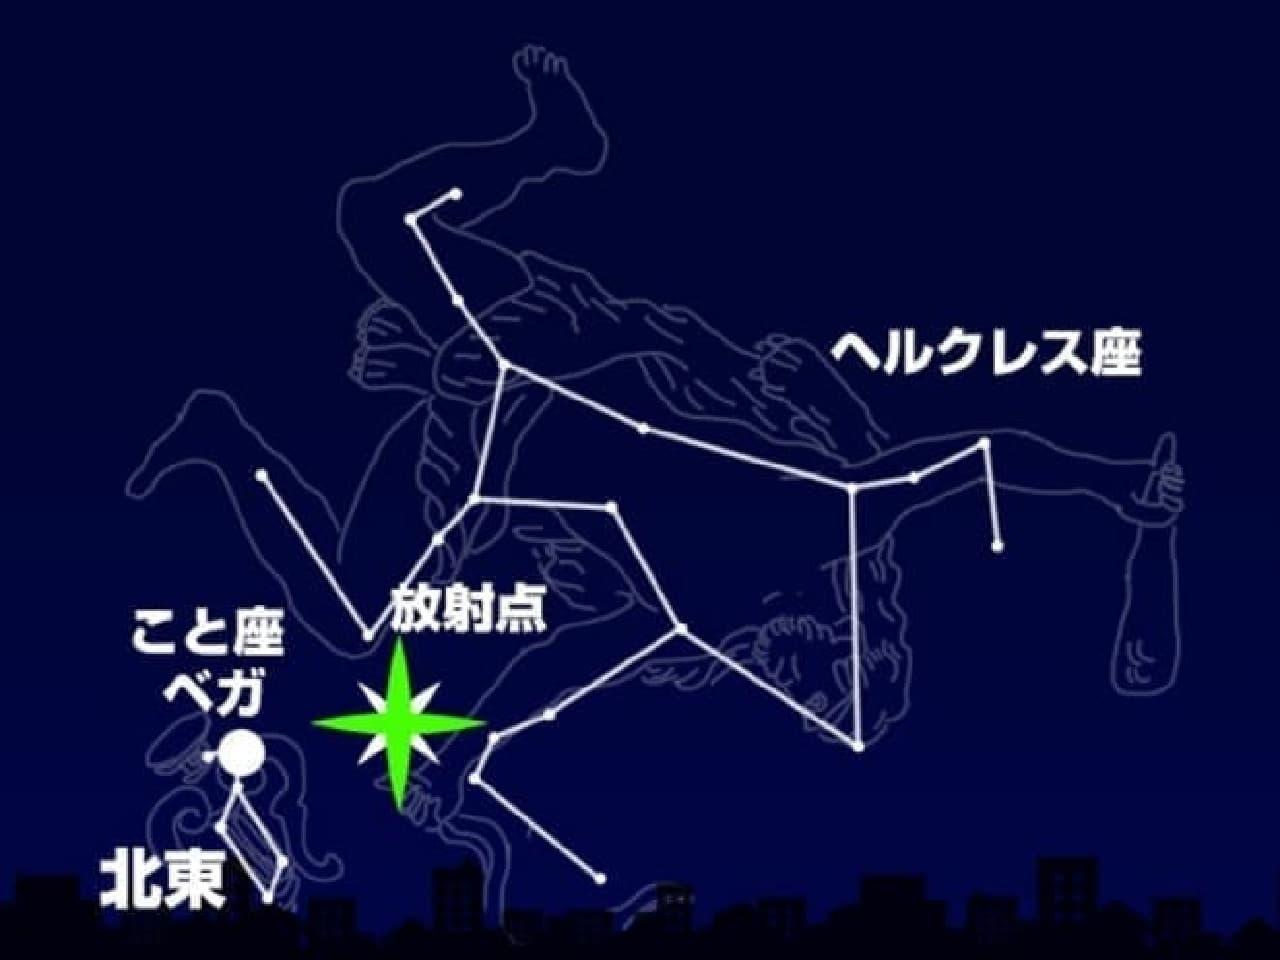 今年は好条件! 「こと座流星群」が、明日(4月22日)夜観測ピーク